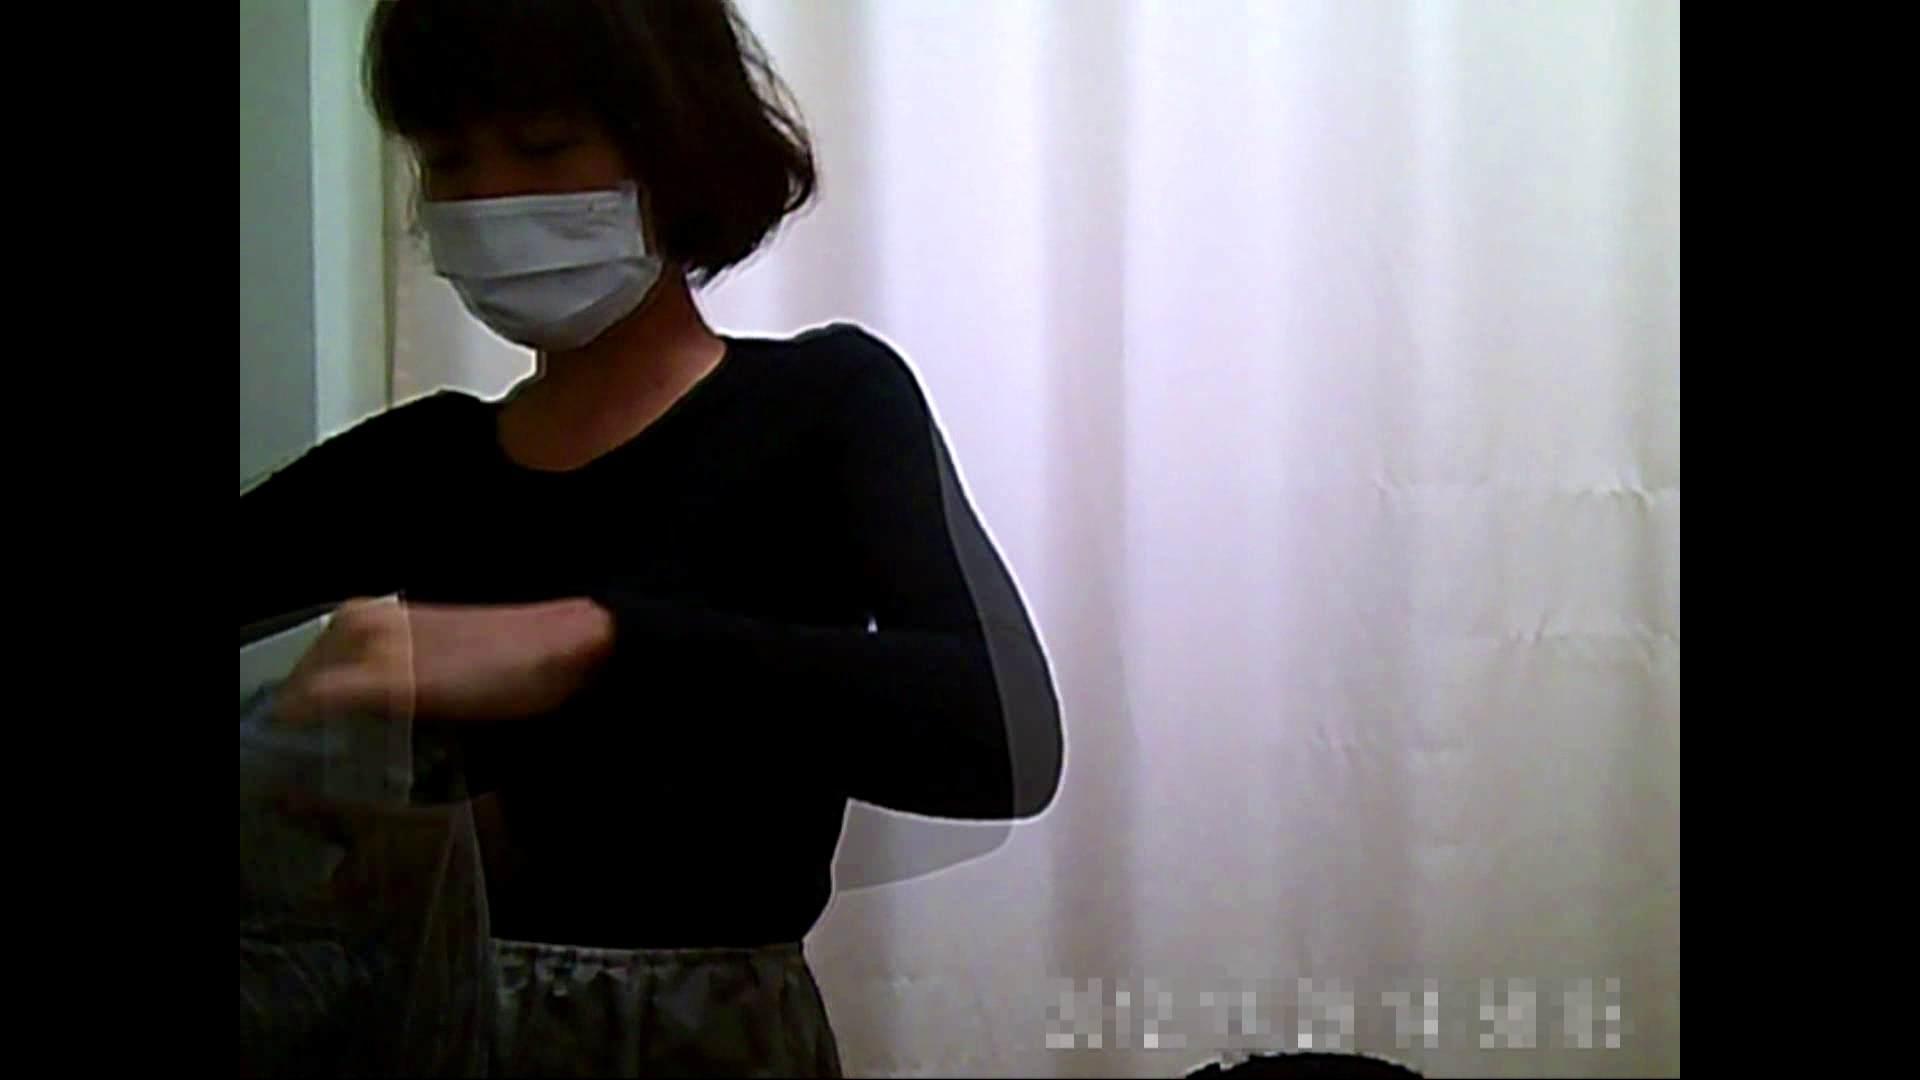 元医者による反抗 更衣室地獄絵巻 vol.132 OL  65pic 59